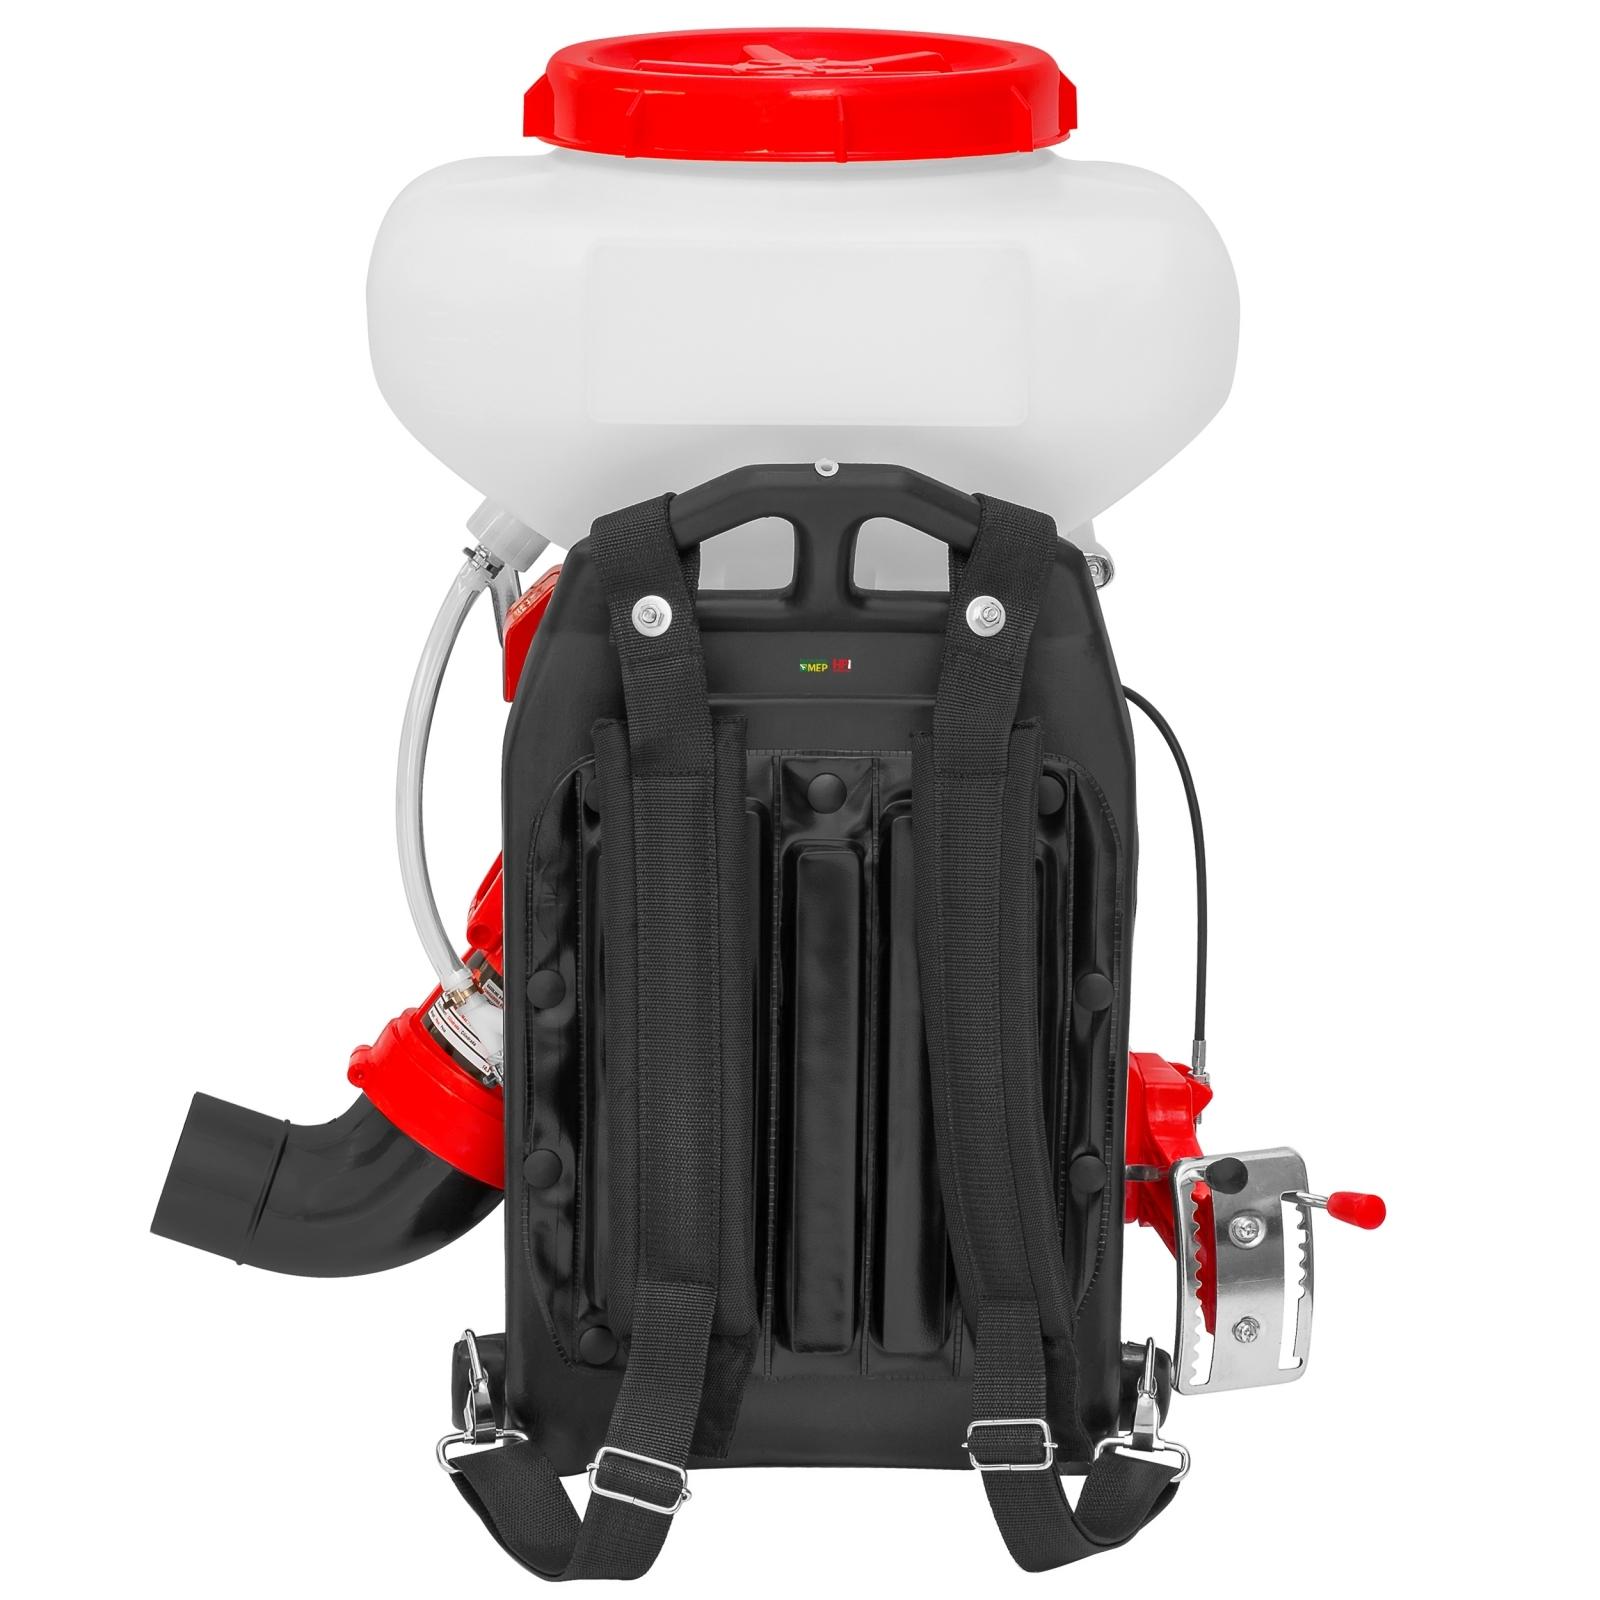 Atomizador Costal A Gasolina Toyama Modelo Tmd42bu - Ferramentas MEP